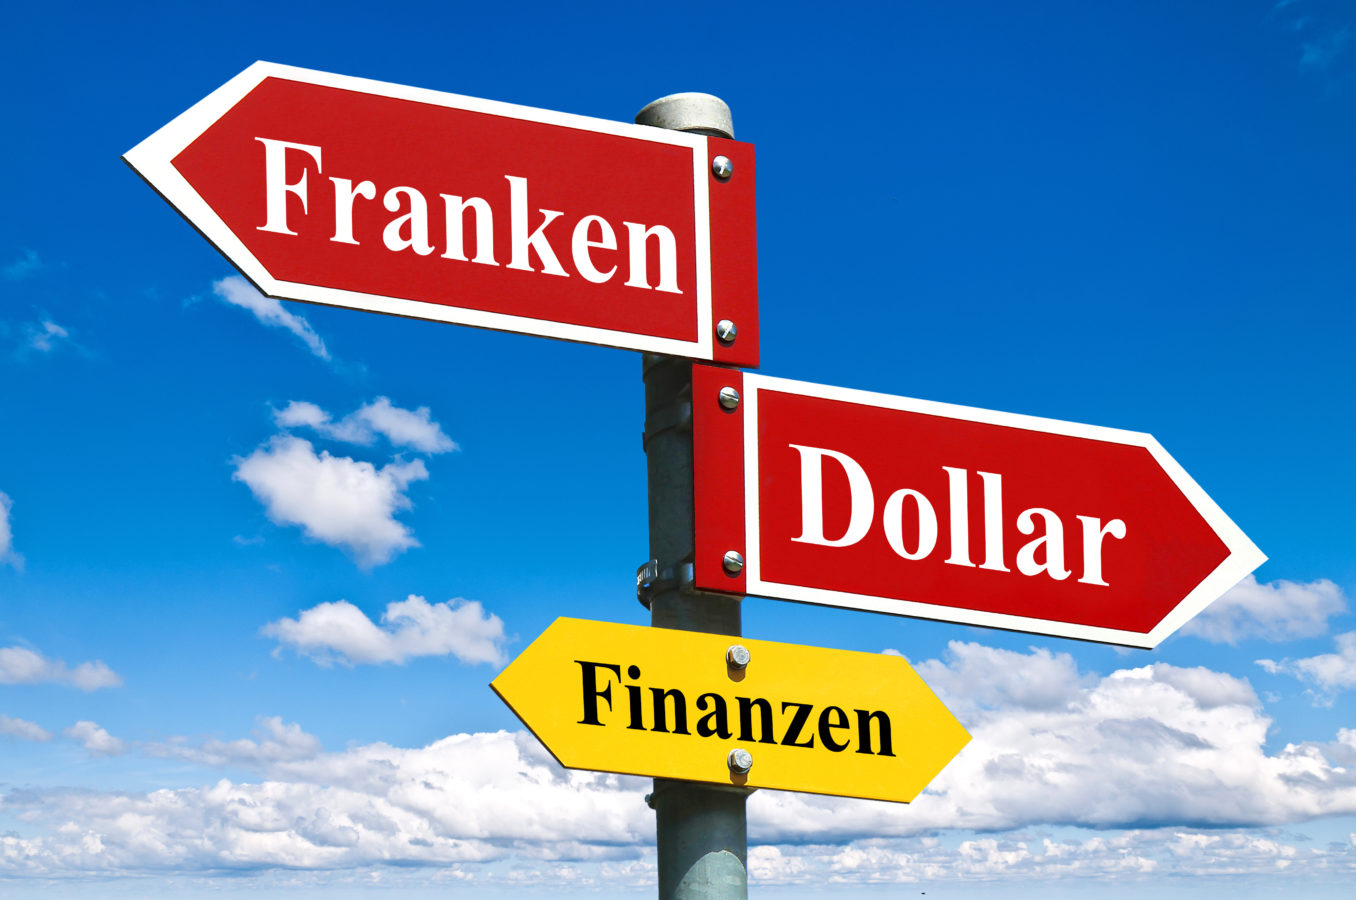 Le marché suisse du capital-risque est globalement fonctionnel